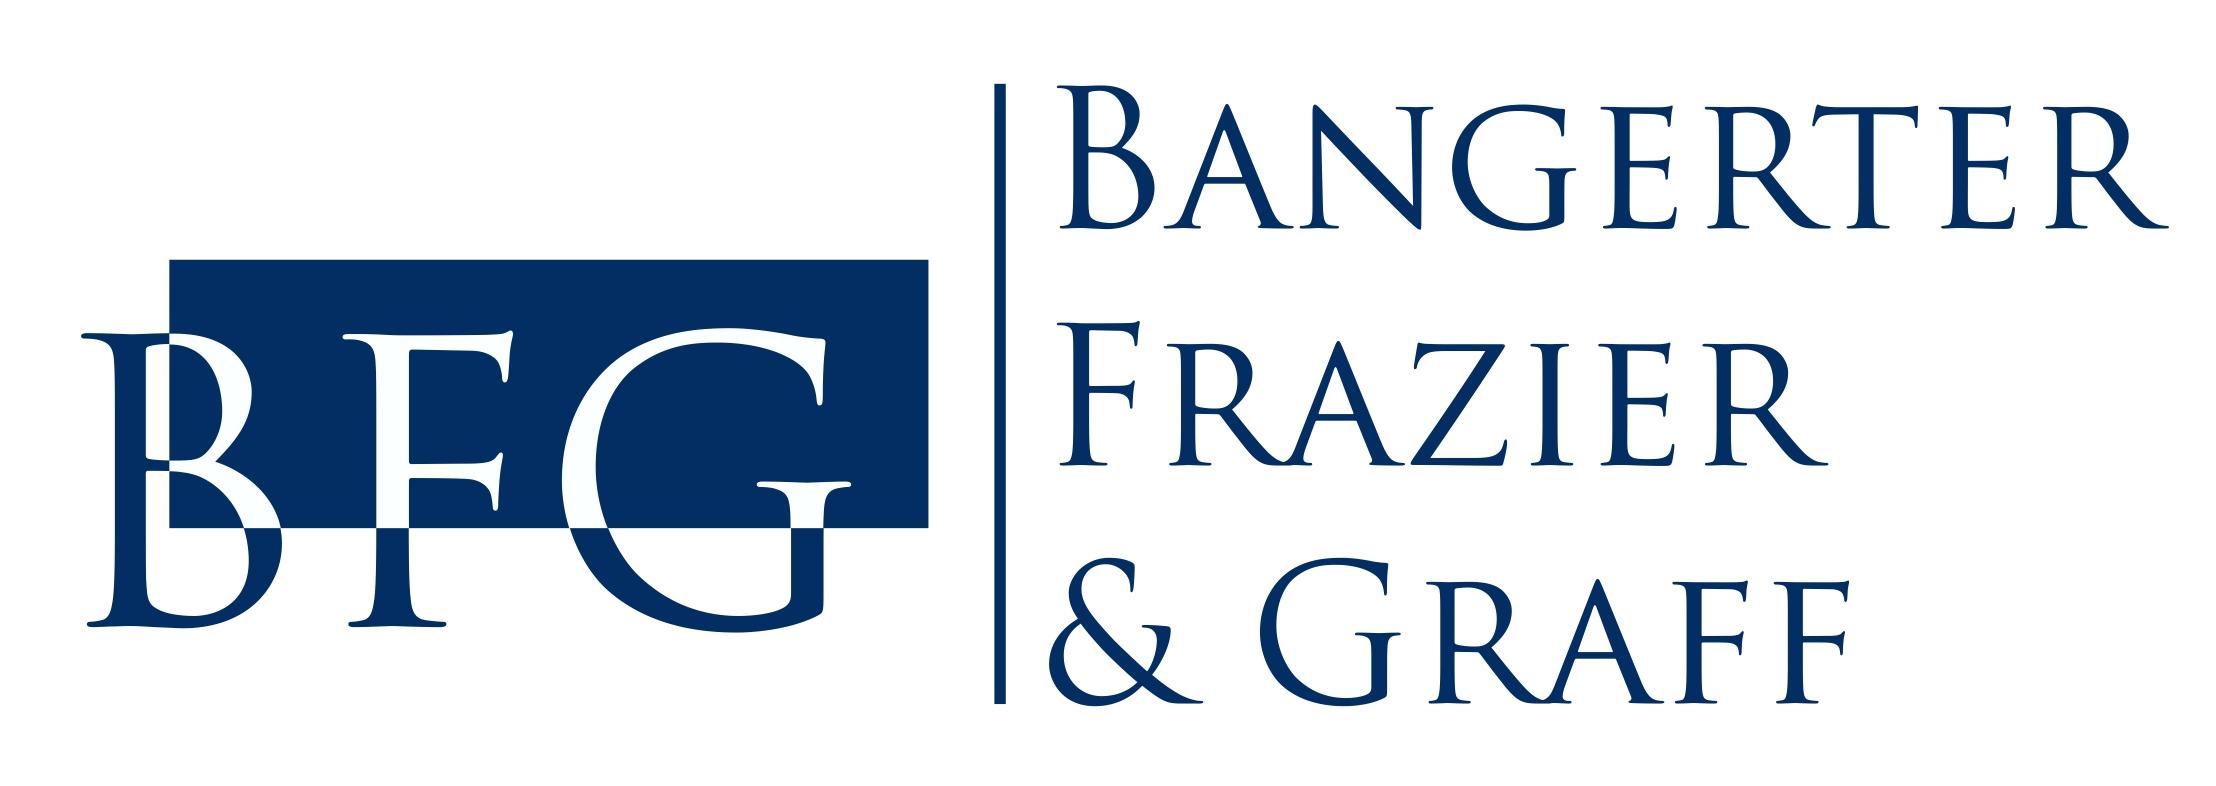 Bangerter Frazier & Graff